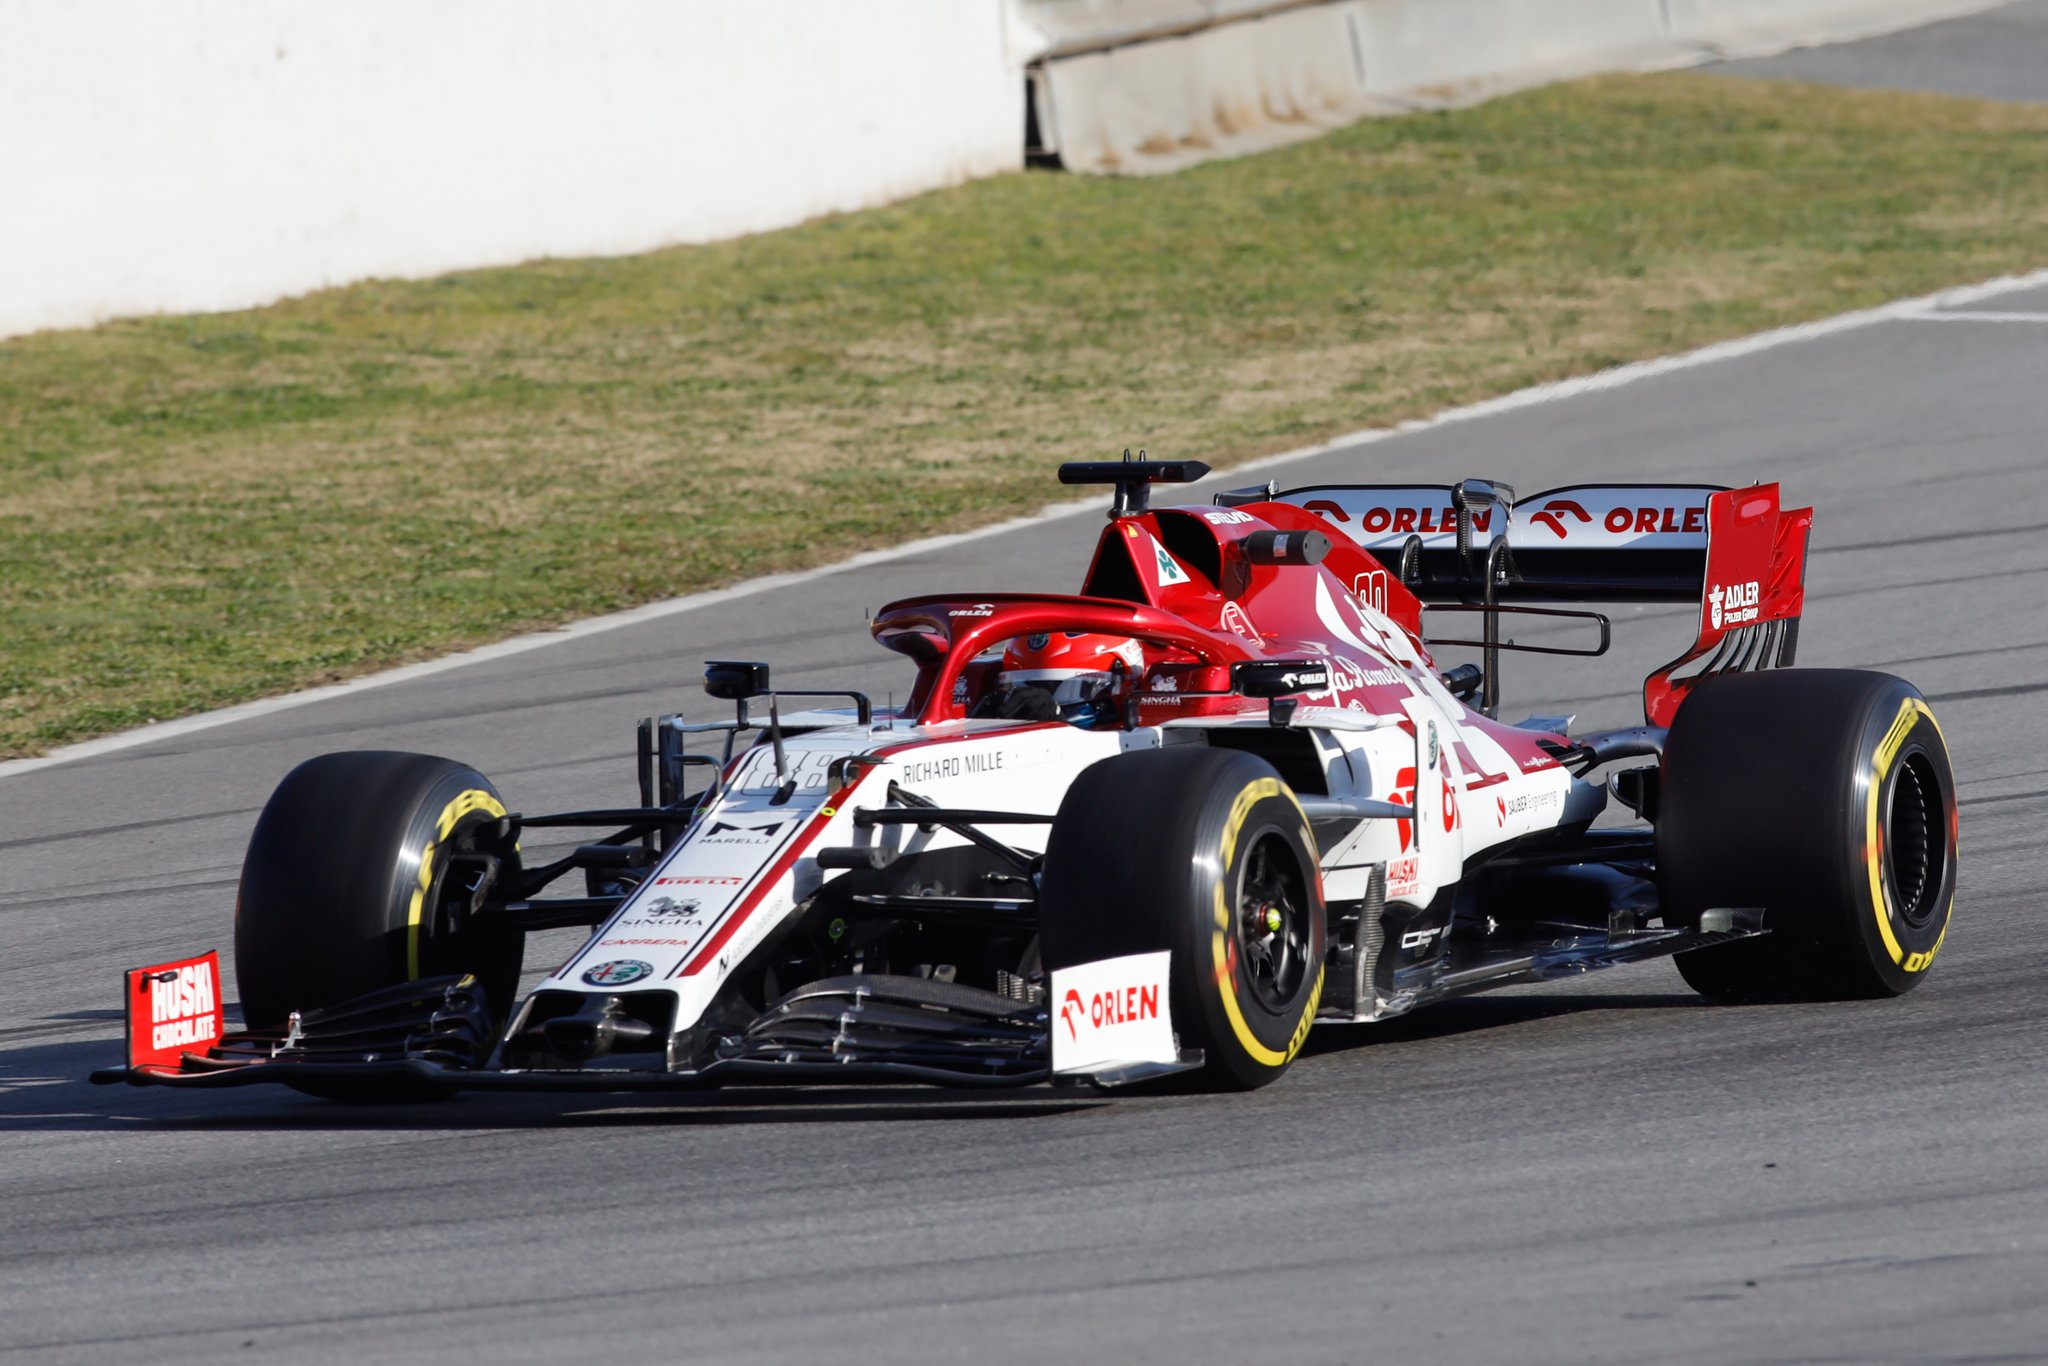 Trečiadienio rytą Barselonoje greičiausias buvo R. Kubica